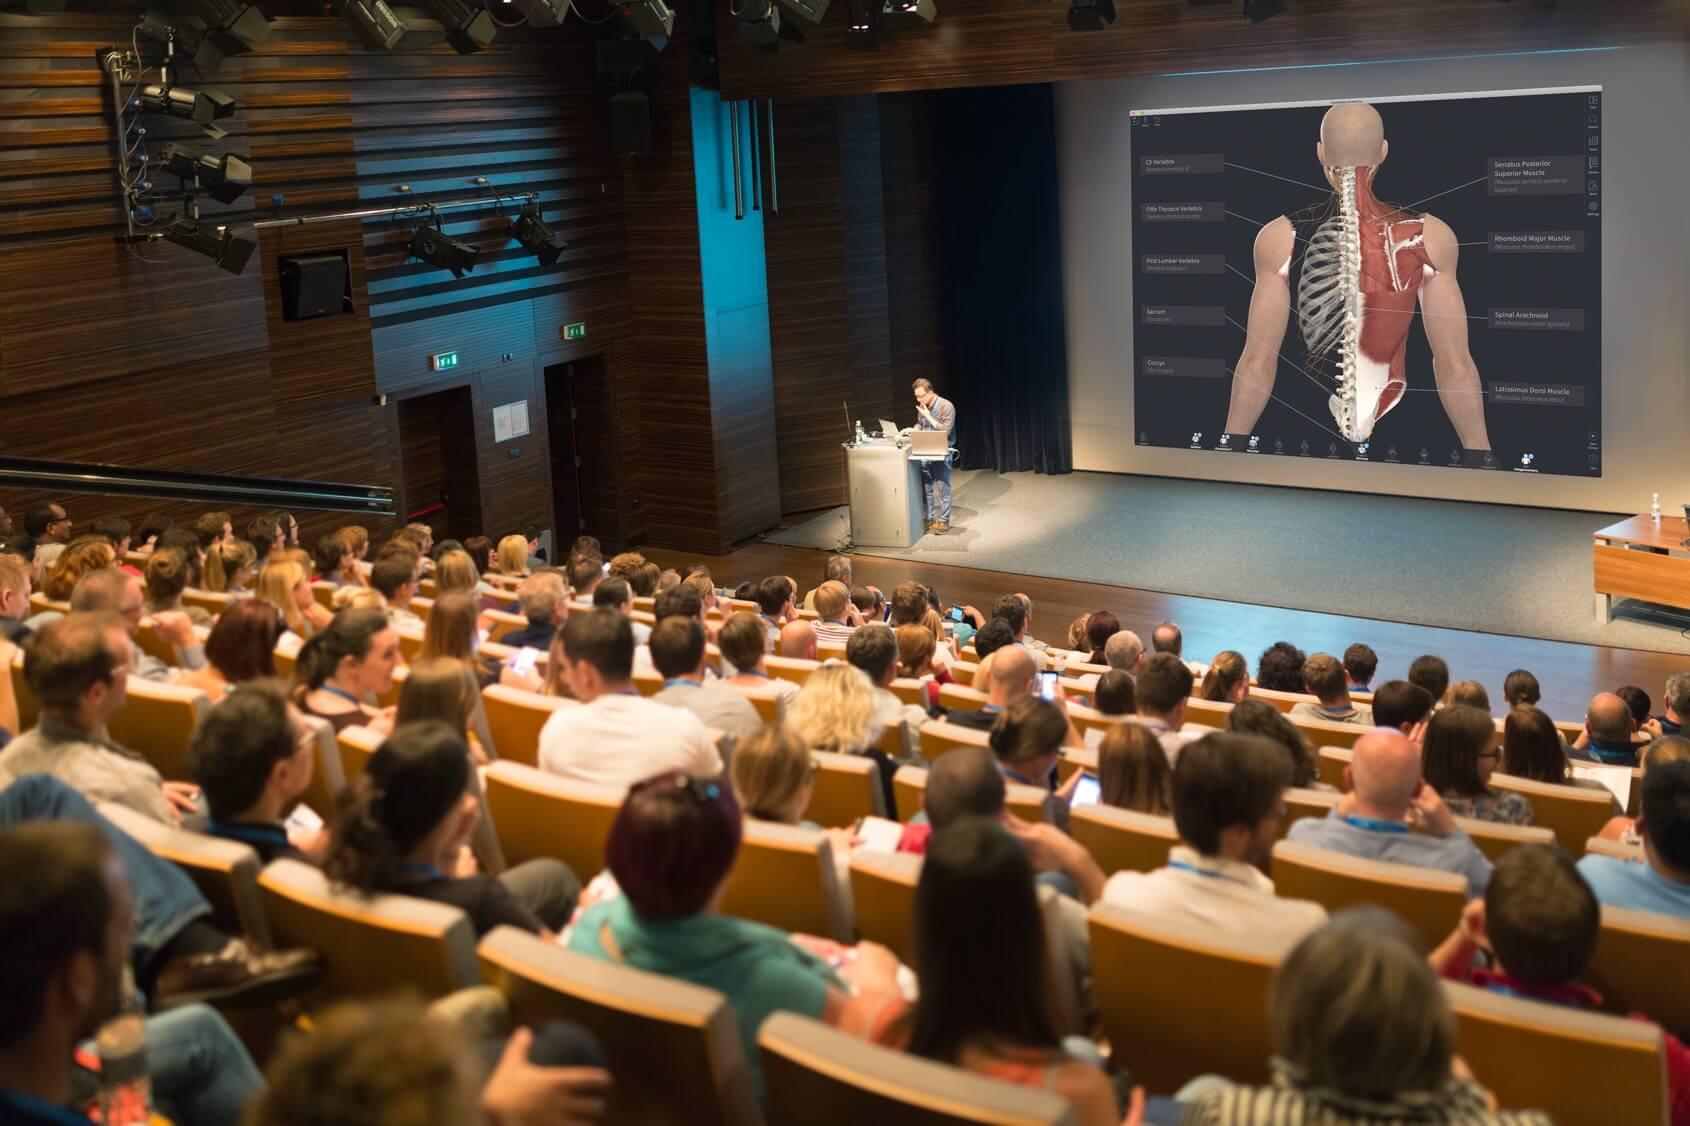 3D Anatomy in universities